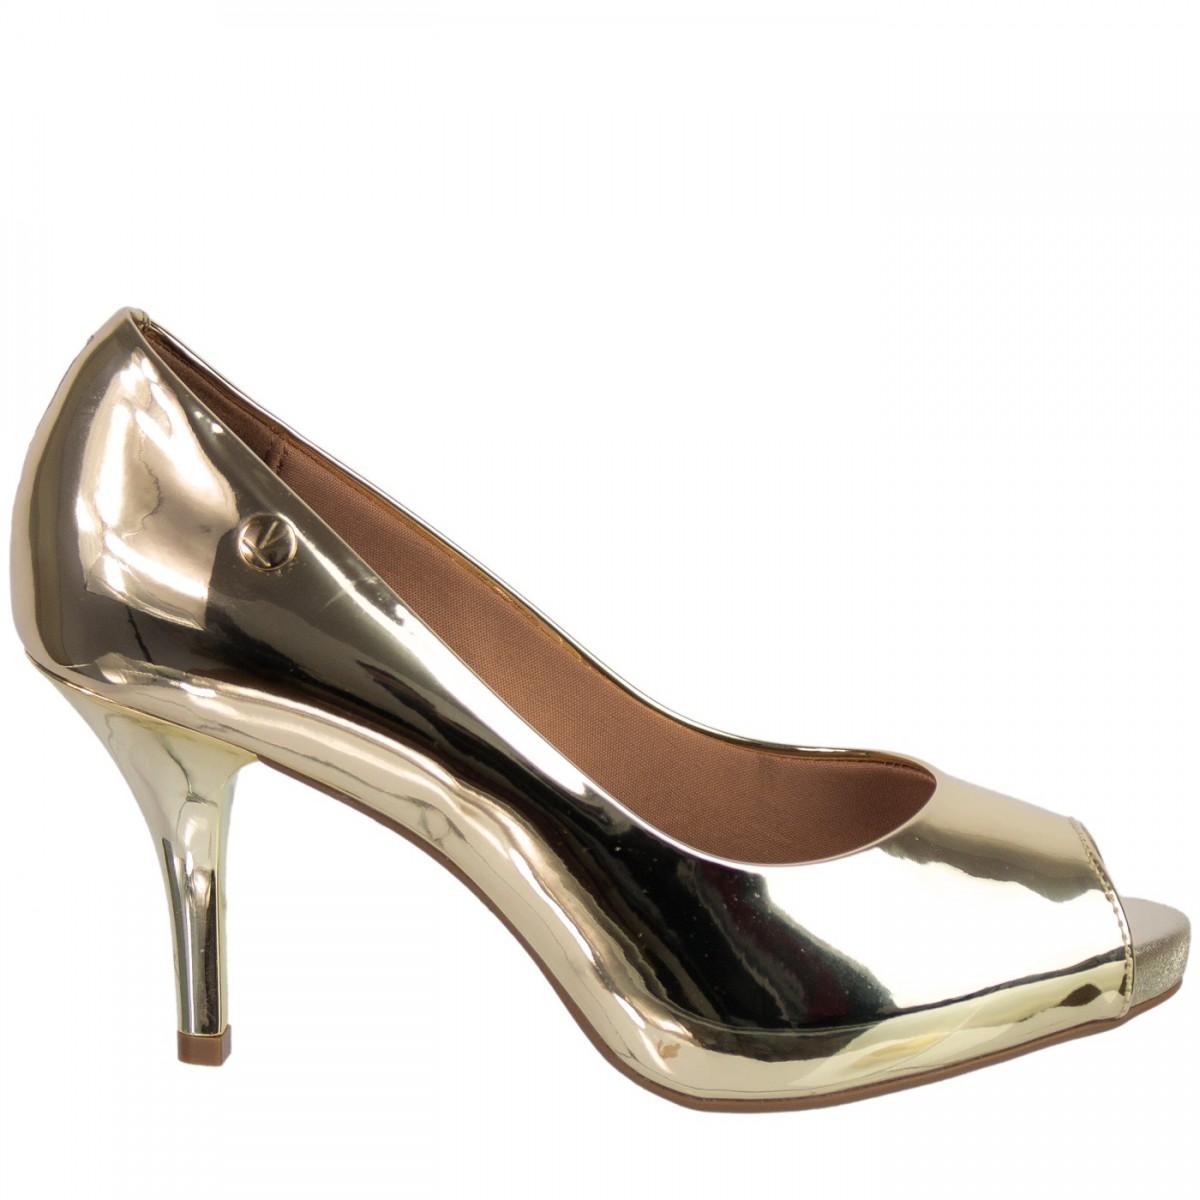 7e80133515 Bizz Store - Sapato Peep Toe Metalizado Vizzano Metal Glamour